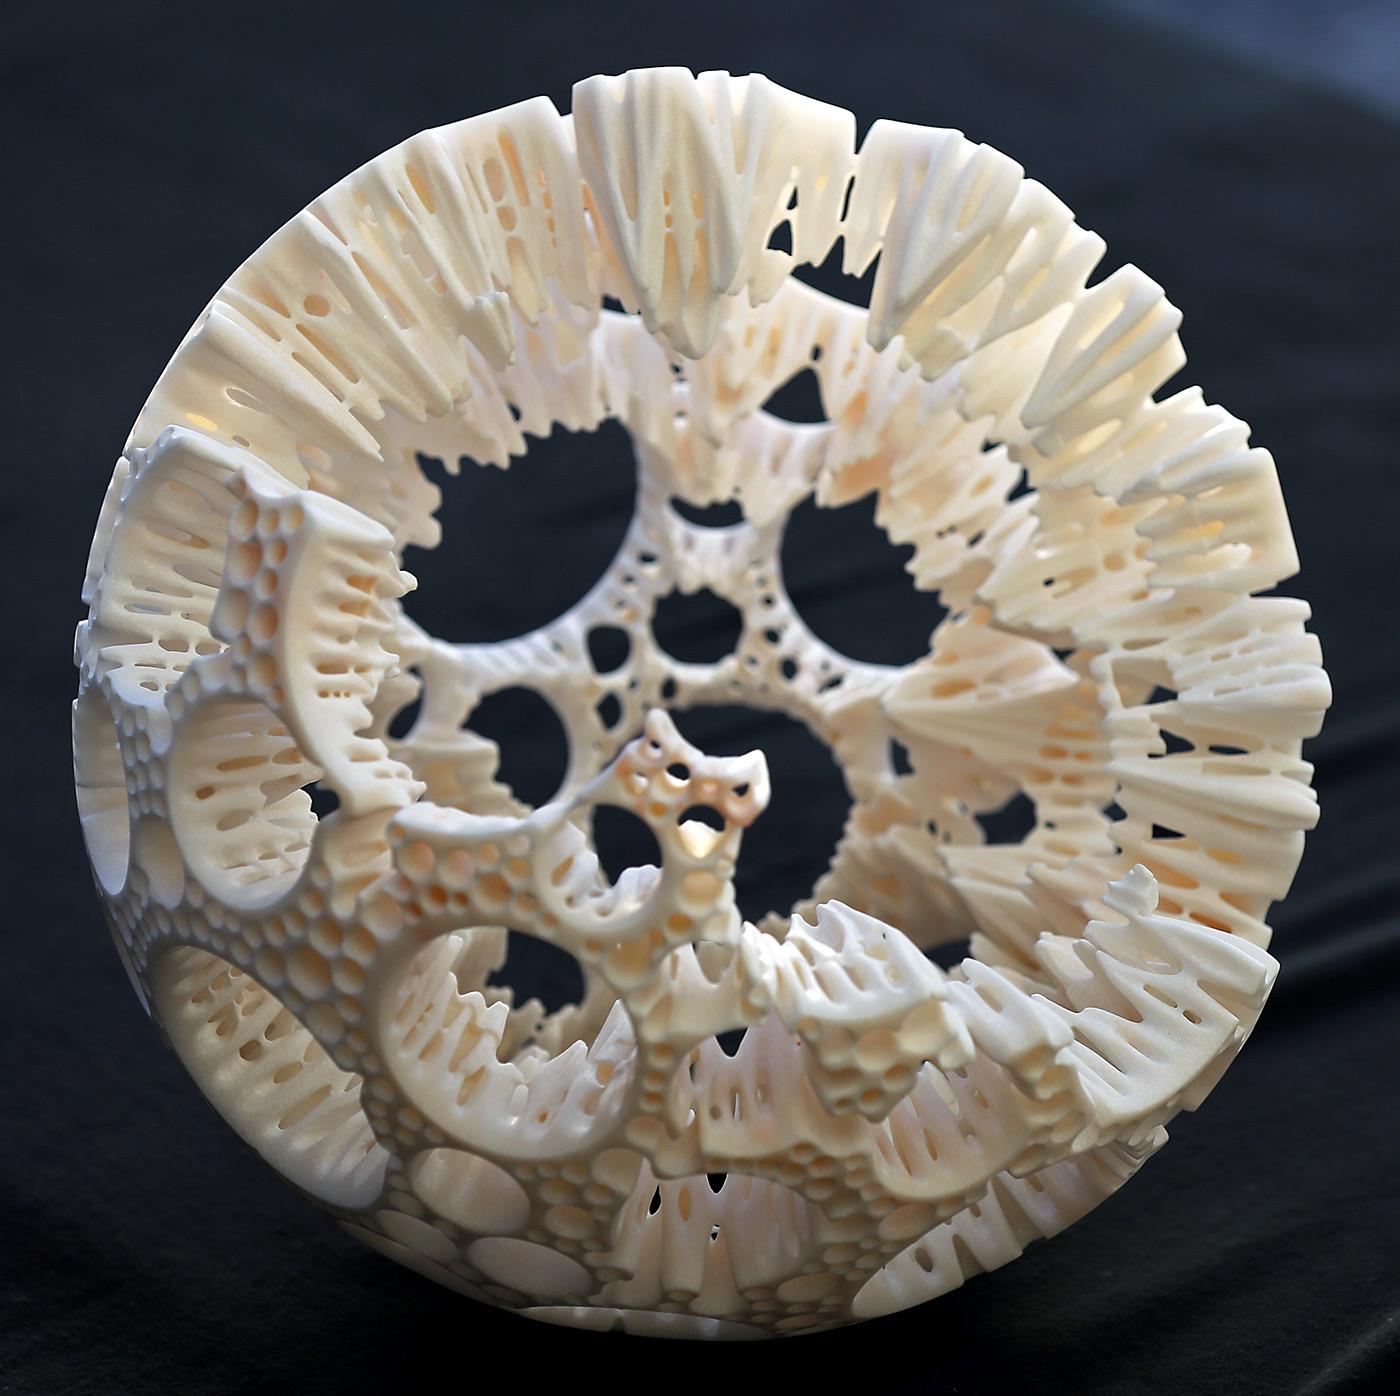 Marble | 39x39x37cm